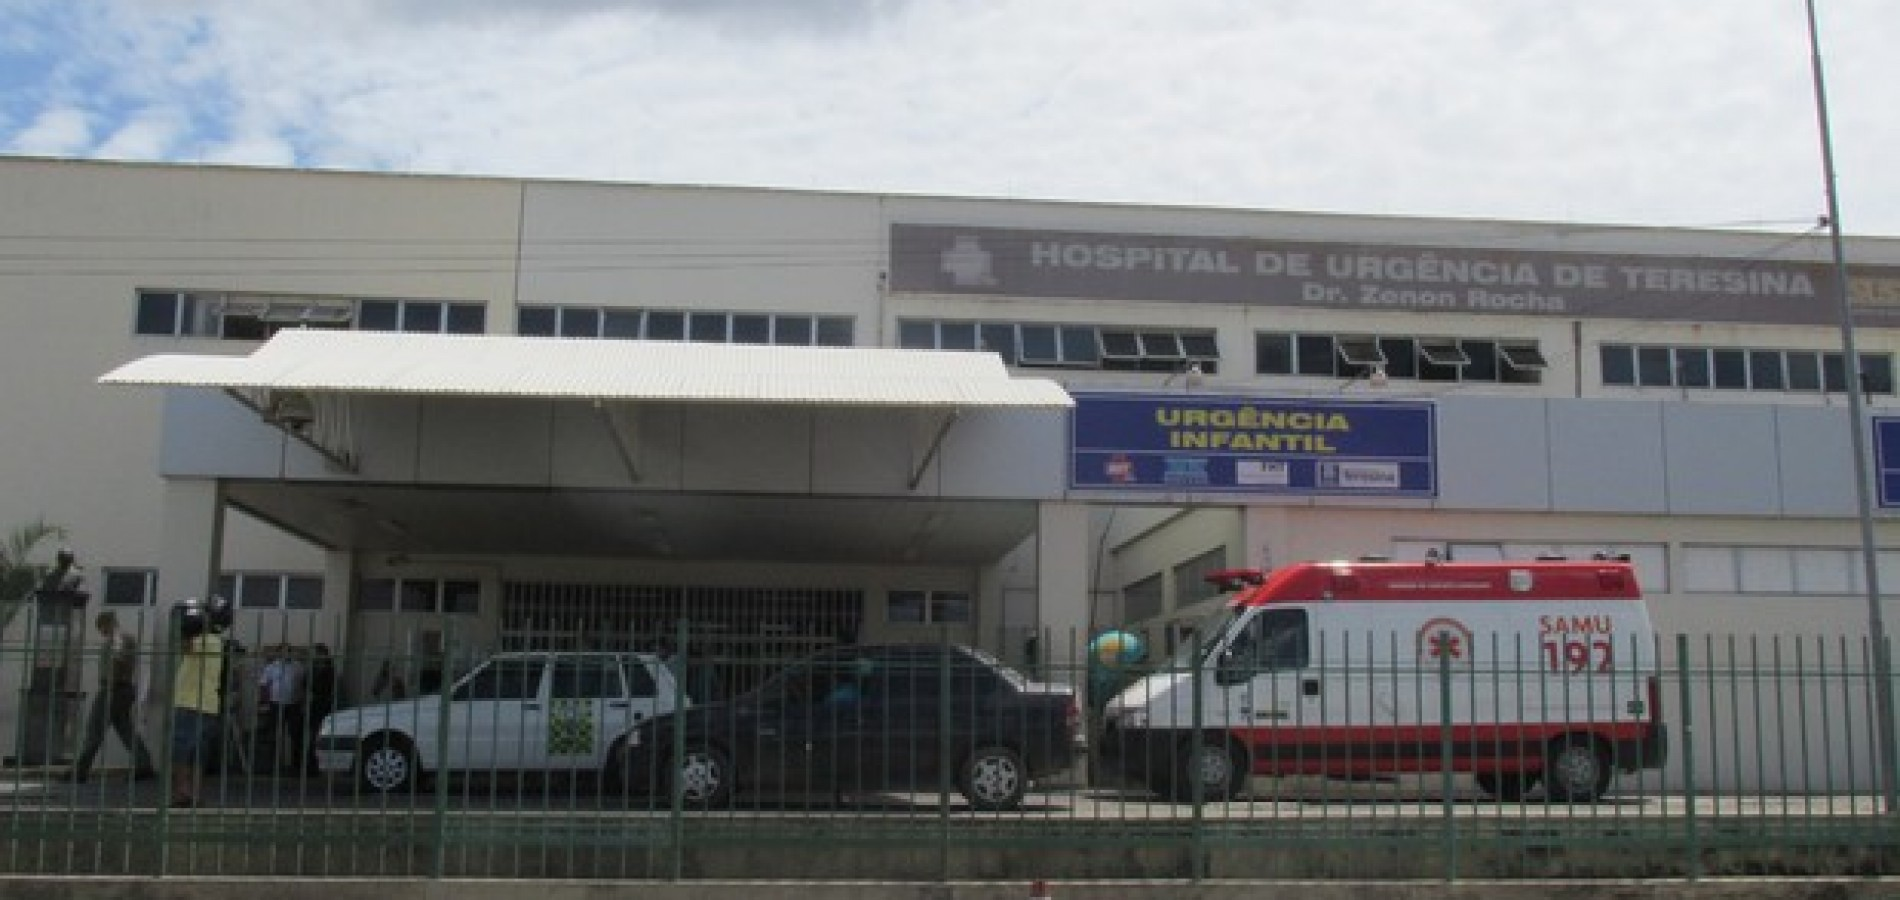 Maior hospital do PI já atendeu mais de 4 mil vítimas de acidente de trânsito